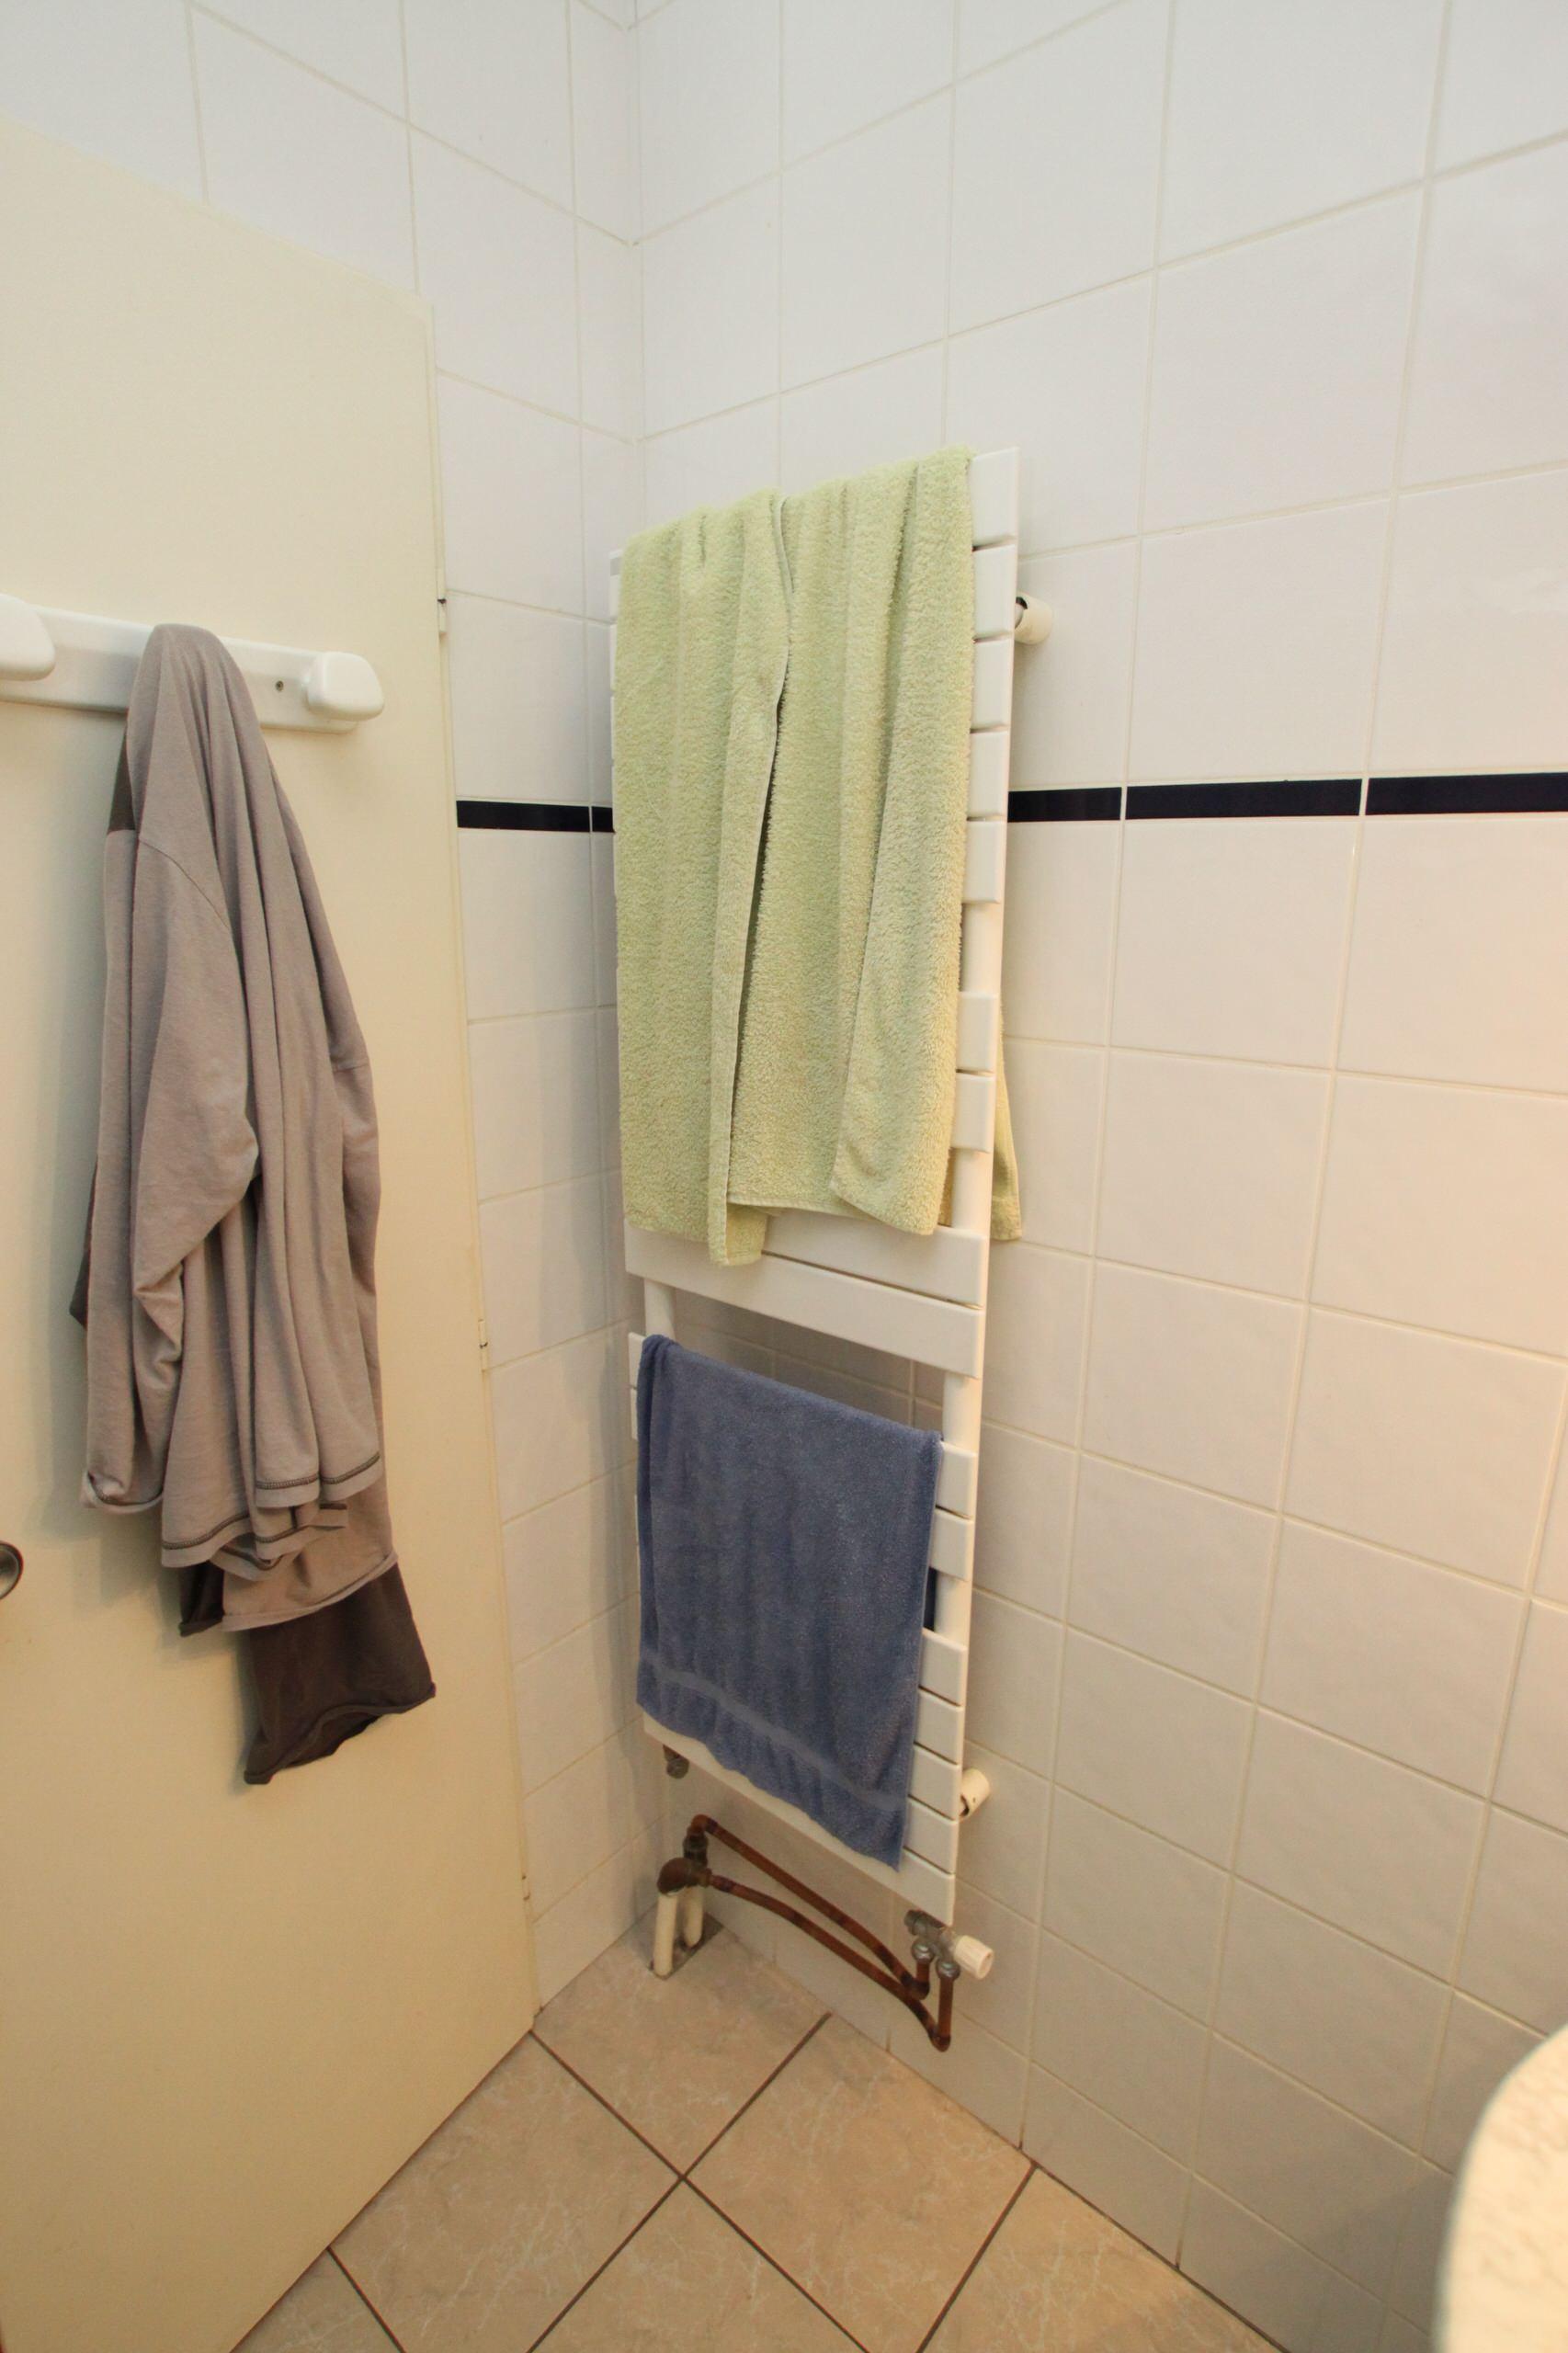 Le sèche serviette était disproportionné et mal placé